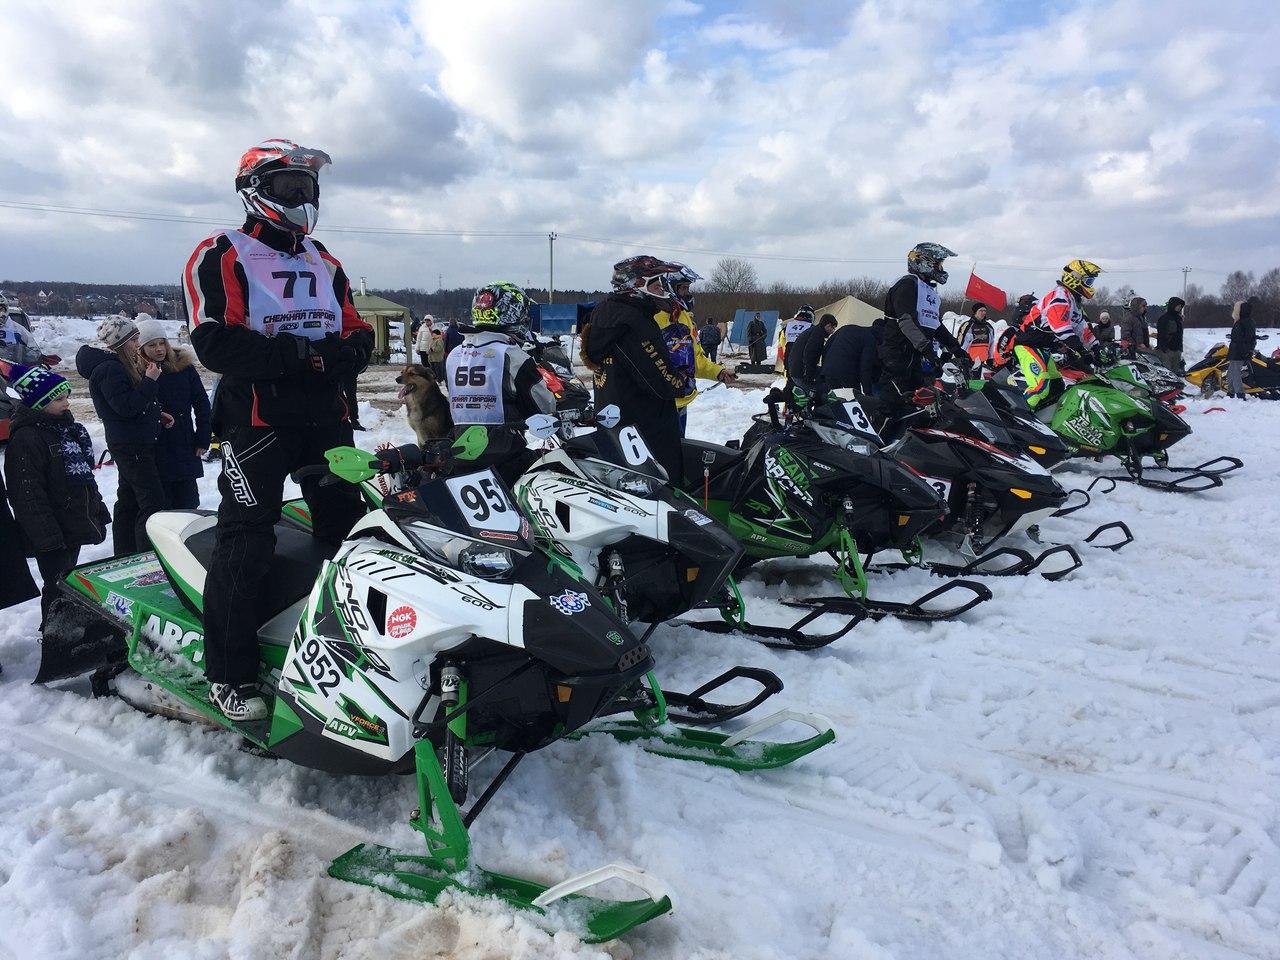 Кантри-кросс на снегоходах Снежная Гвардия 2019 пройдет 26 января